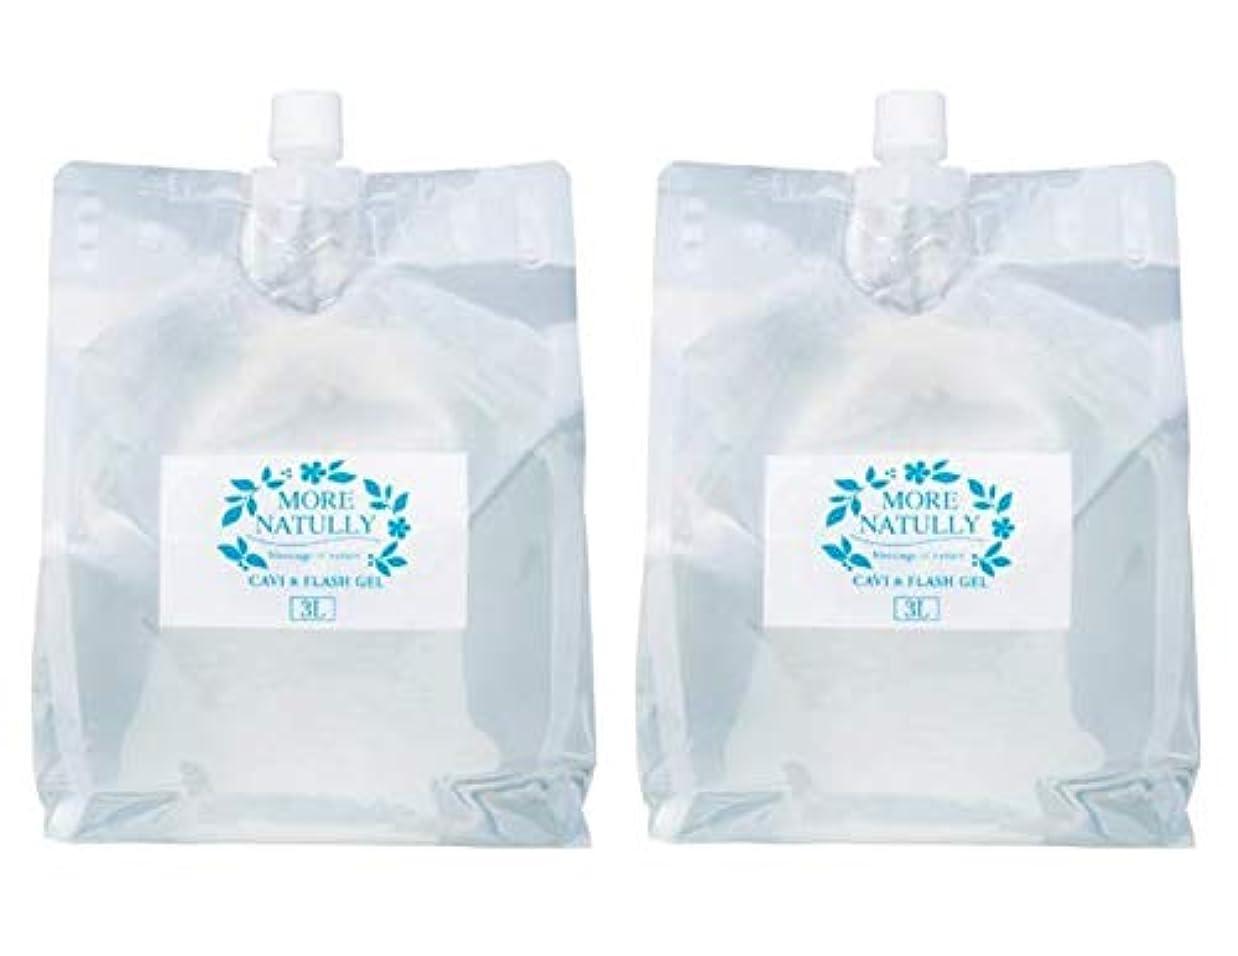 上回るアンビエント適性モアナチュリー キャビ&フラッシュジェル 【ソフト】3kg×2袋